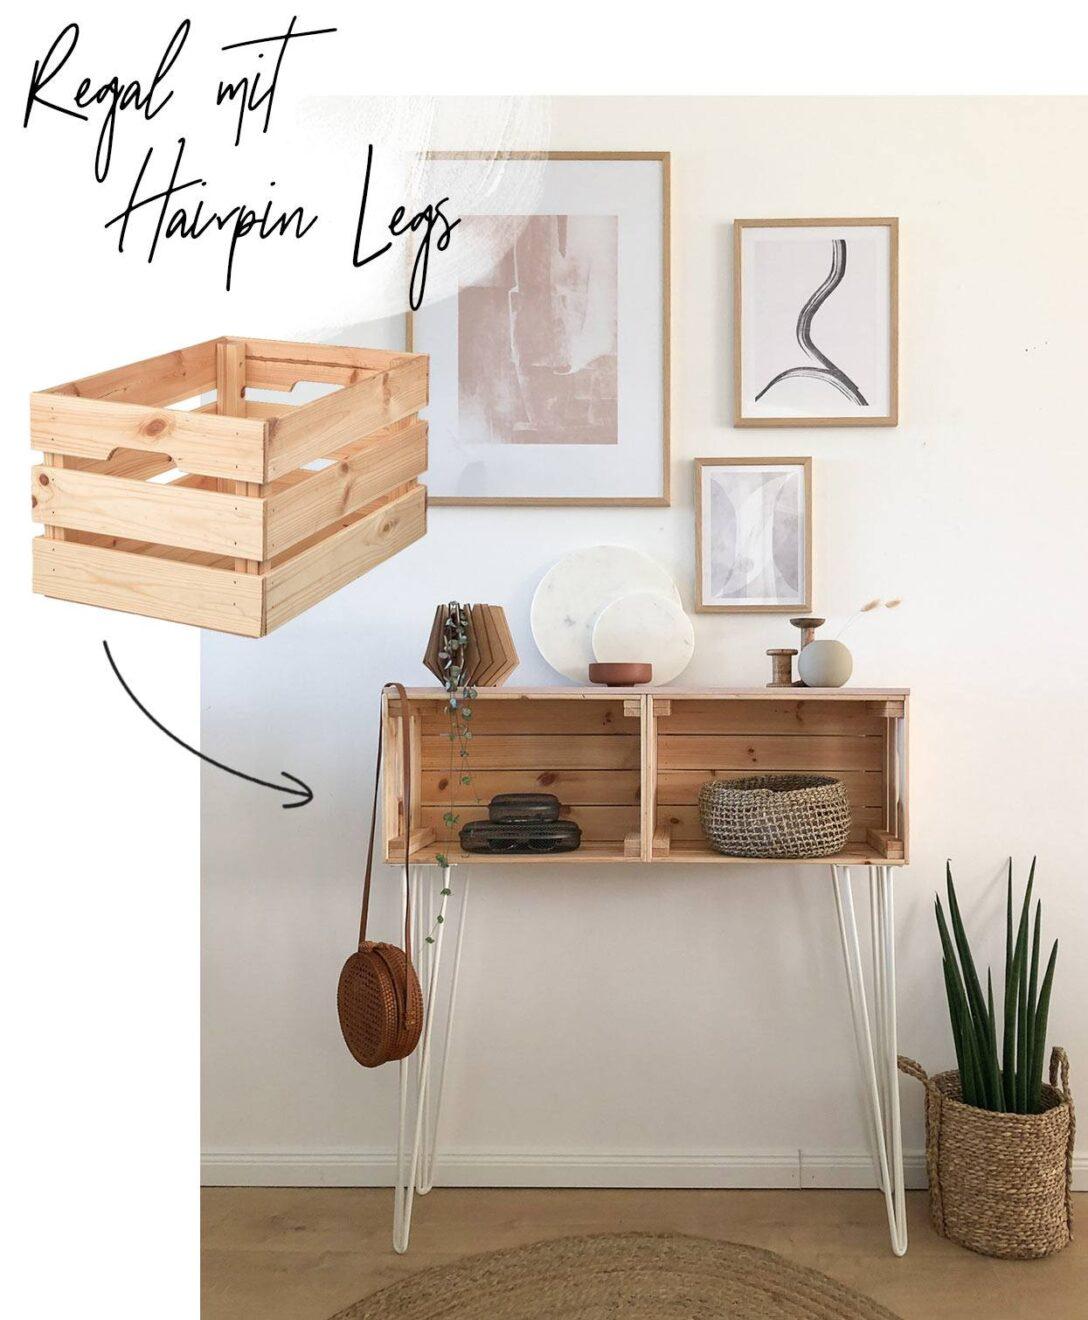 Large Size of Ikea Miniküche Küche Kosten Kaufen Aufbewahrung Aufbewahrungssystem Betten Bei Aufbewahrungsbehälter Sofa Mit Schlaffunktion Aufbewahrungsbox Garten Wohnzimmer Ikea Hacks Aufbewahrung